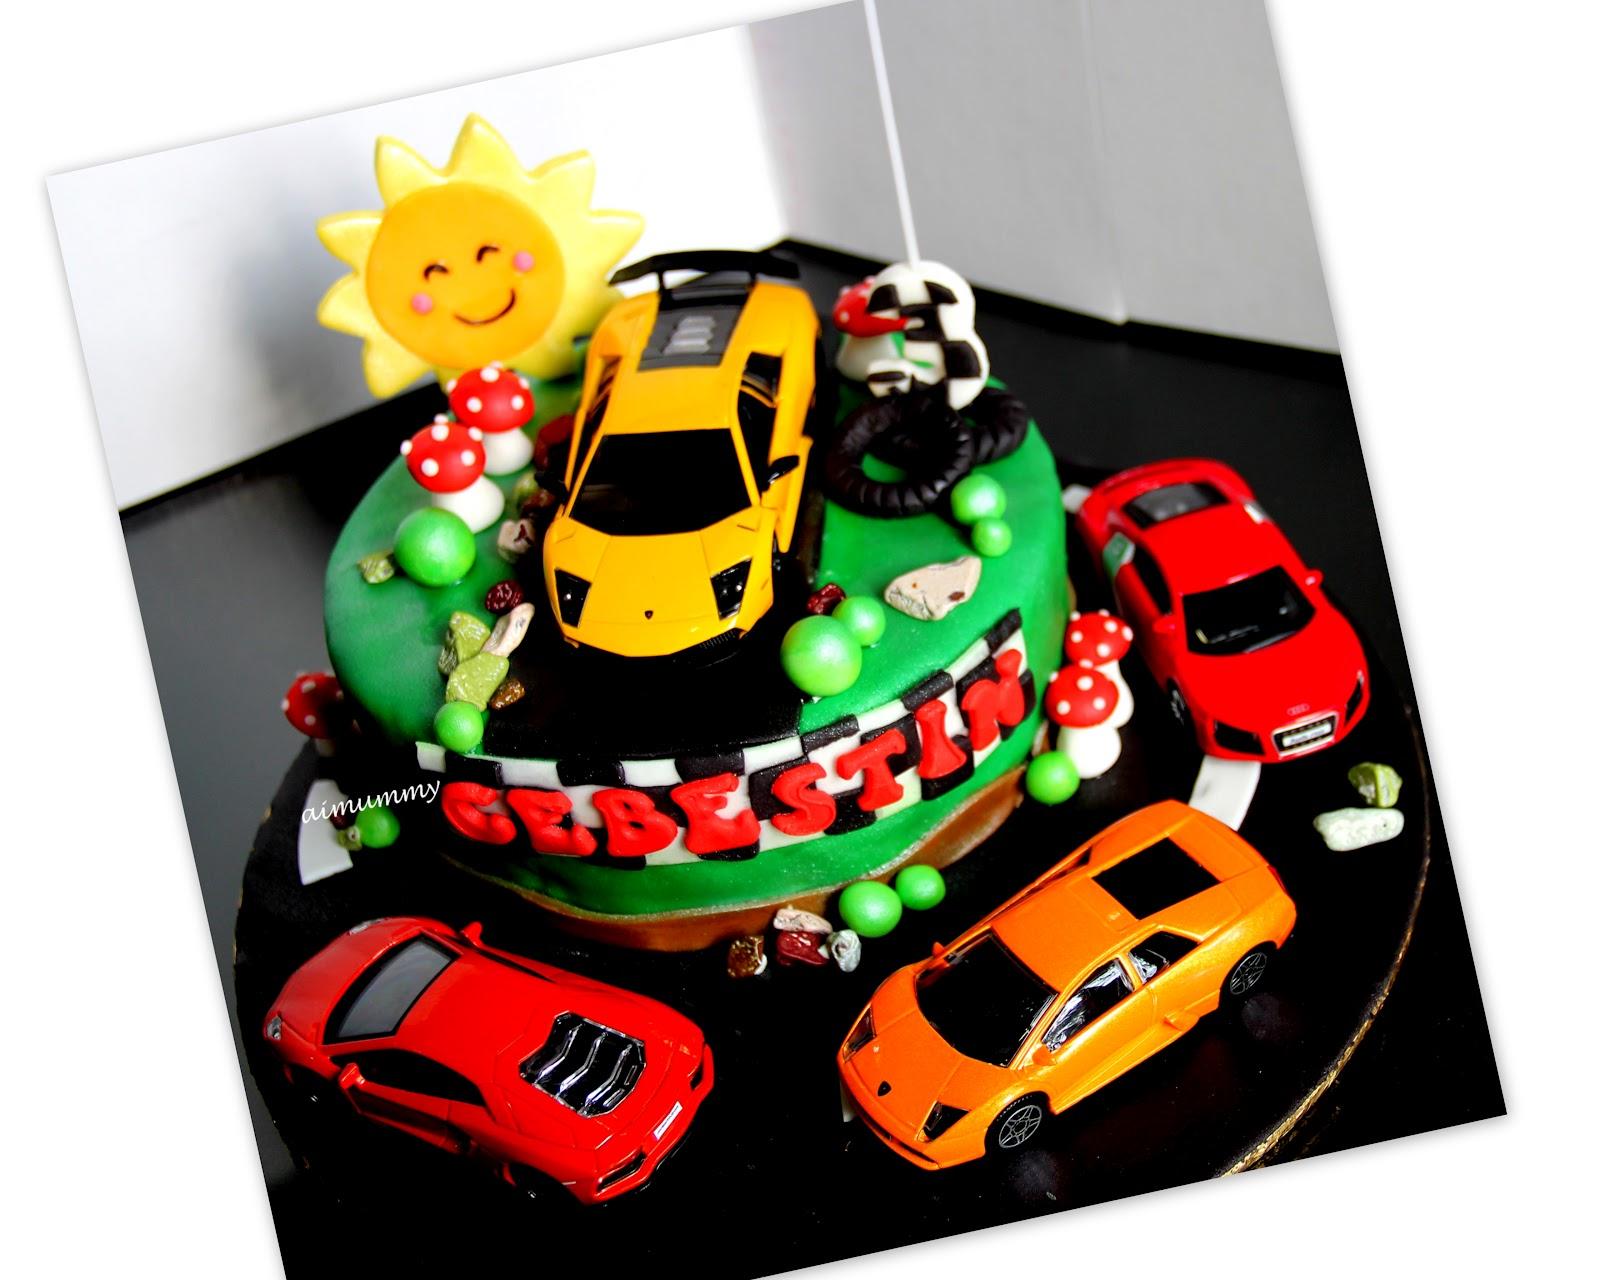 AiMummy Race Car theme